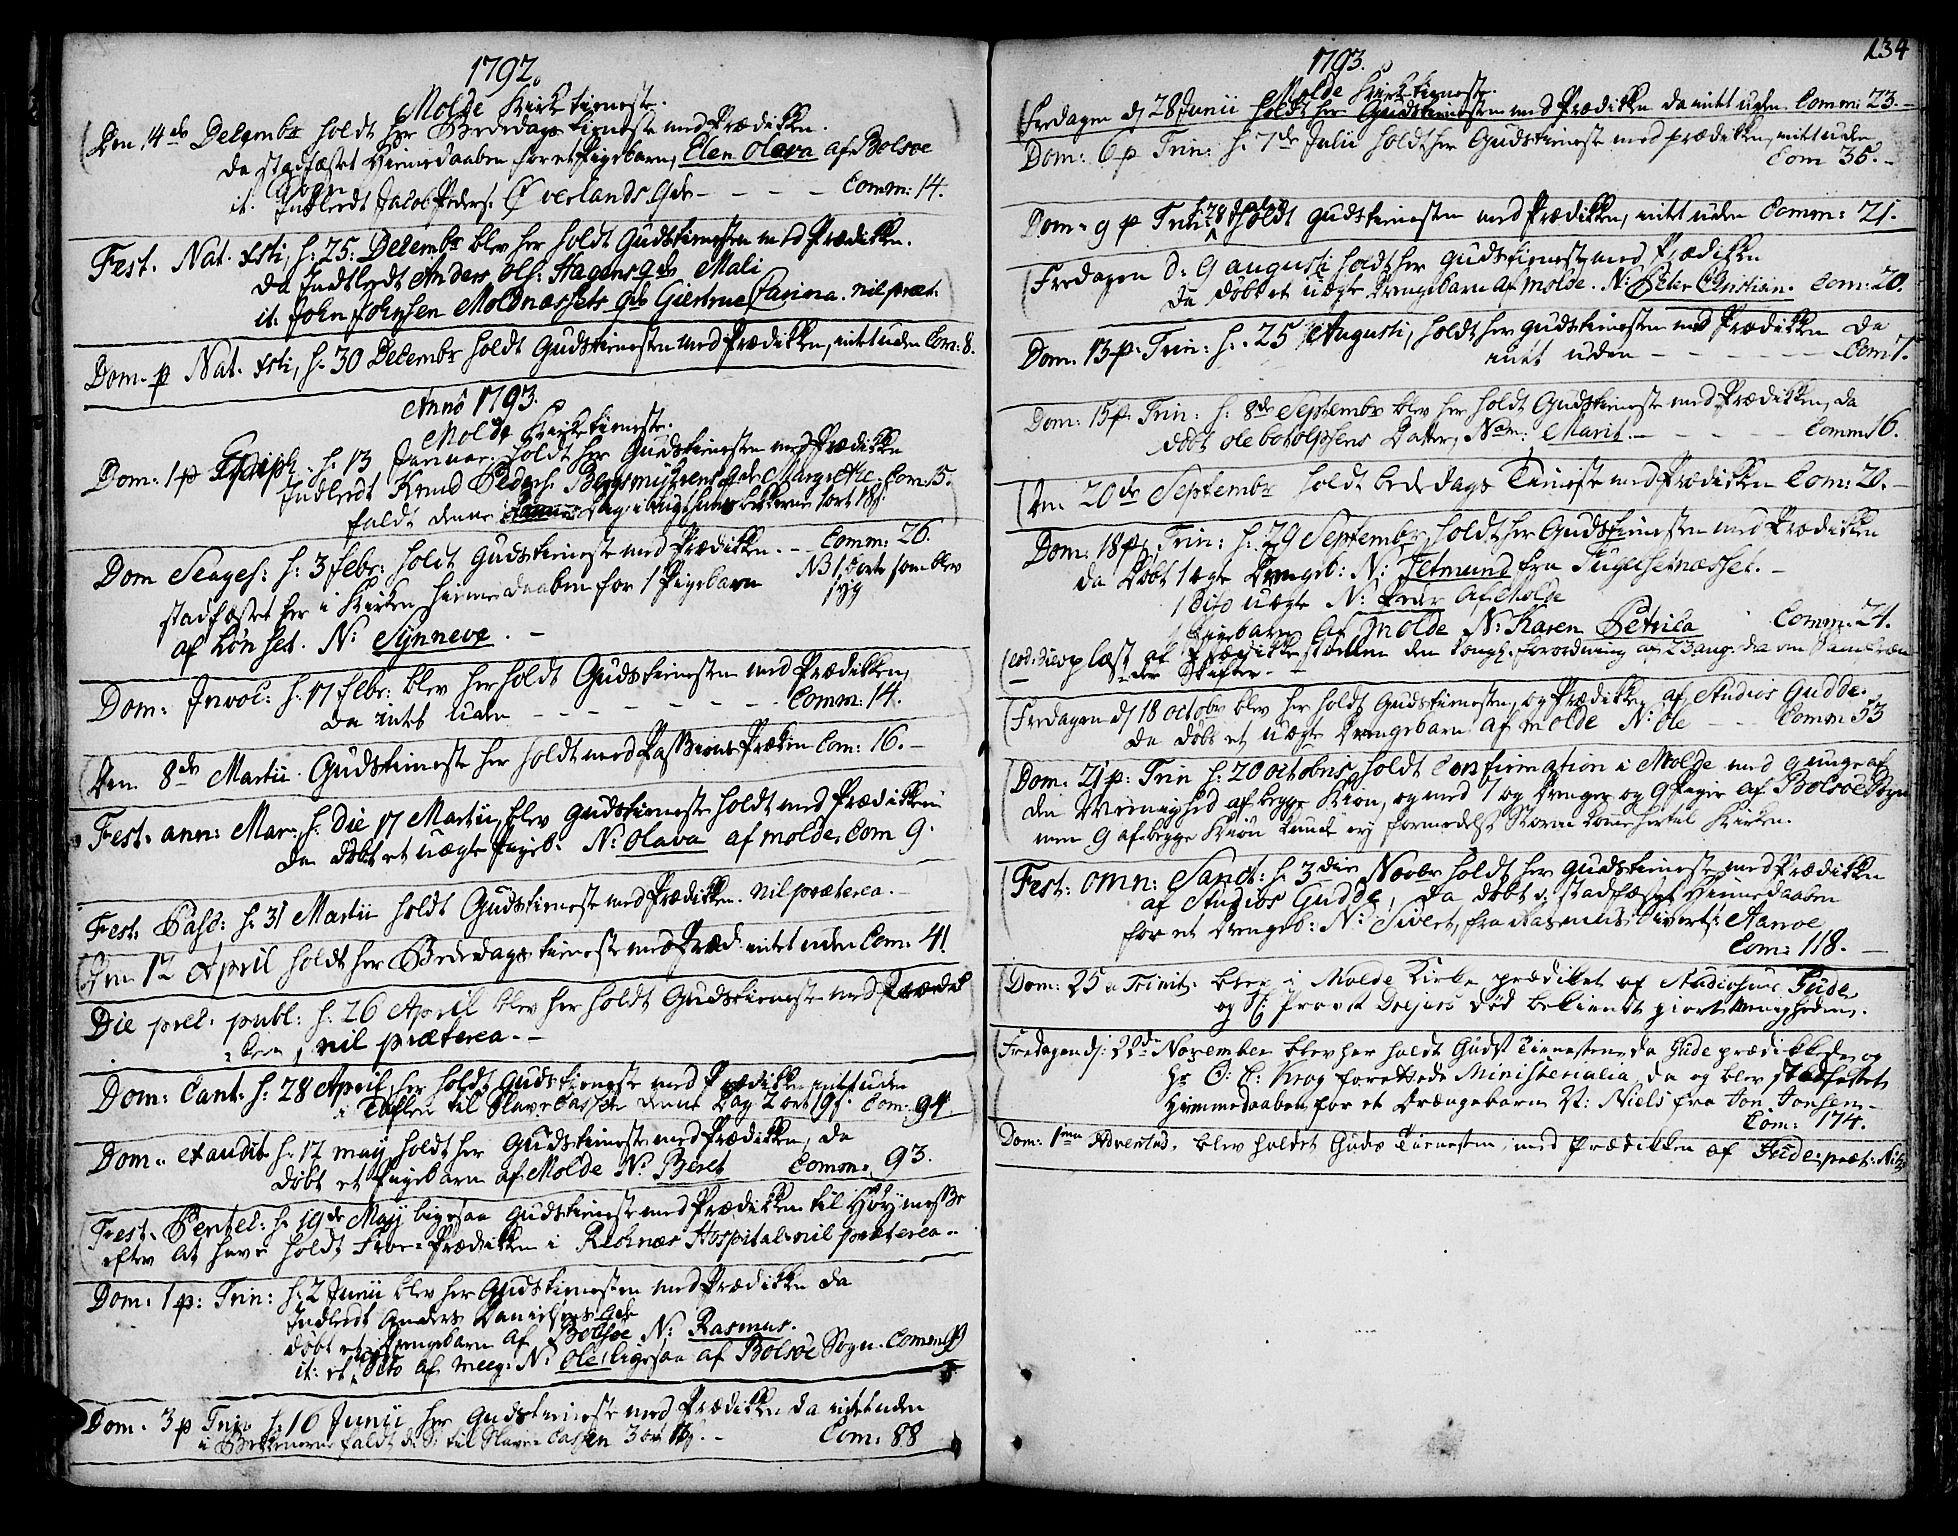 SAT, Ministerialprotokoller, klokkerbøker og fødselsregistre - Møre og Romsdal, 555/L0648: Ministerialbok nr. 555A01, 1759-1793, s. 134